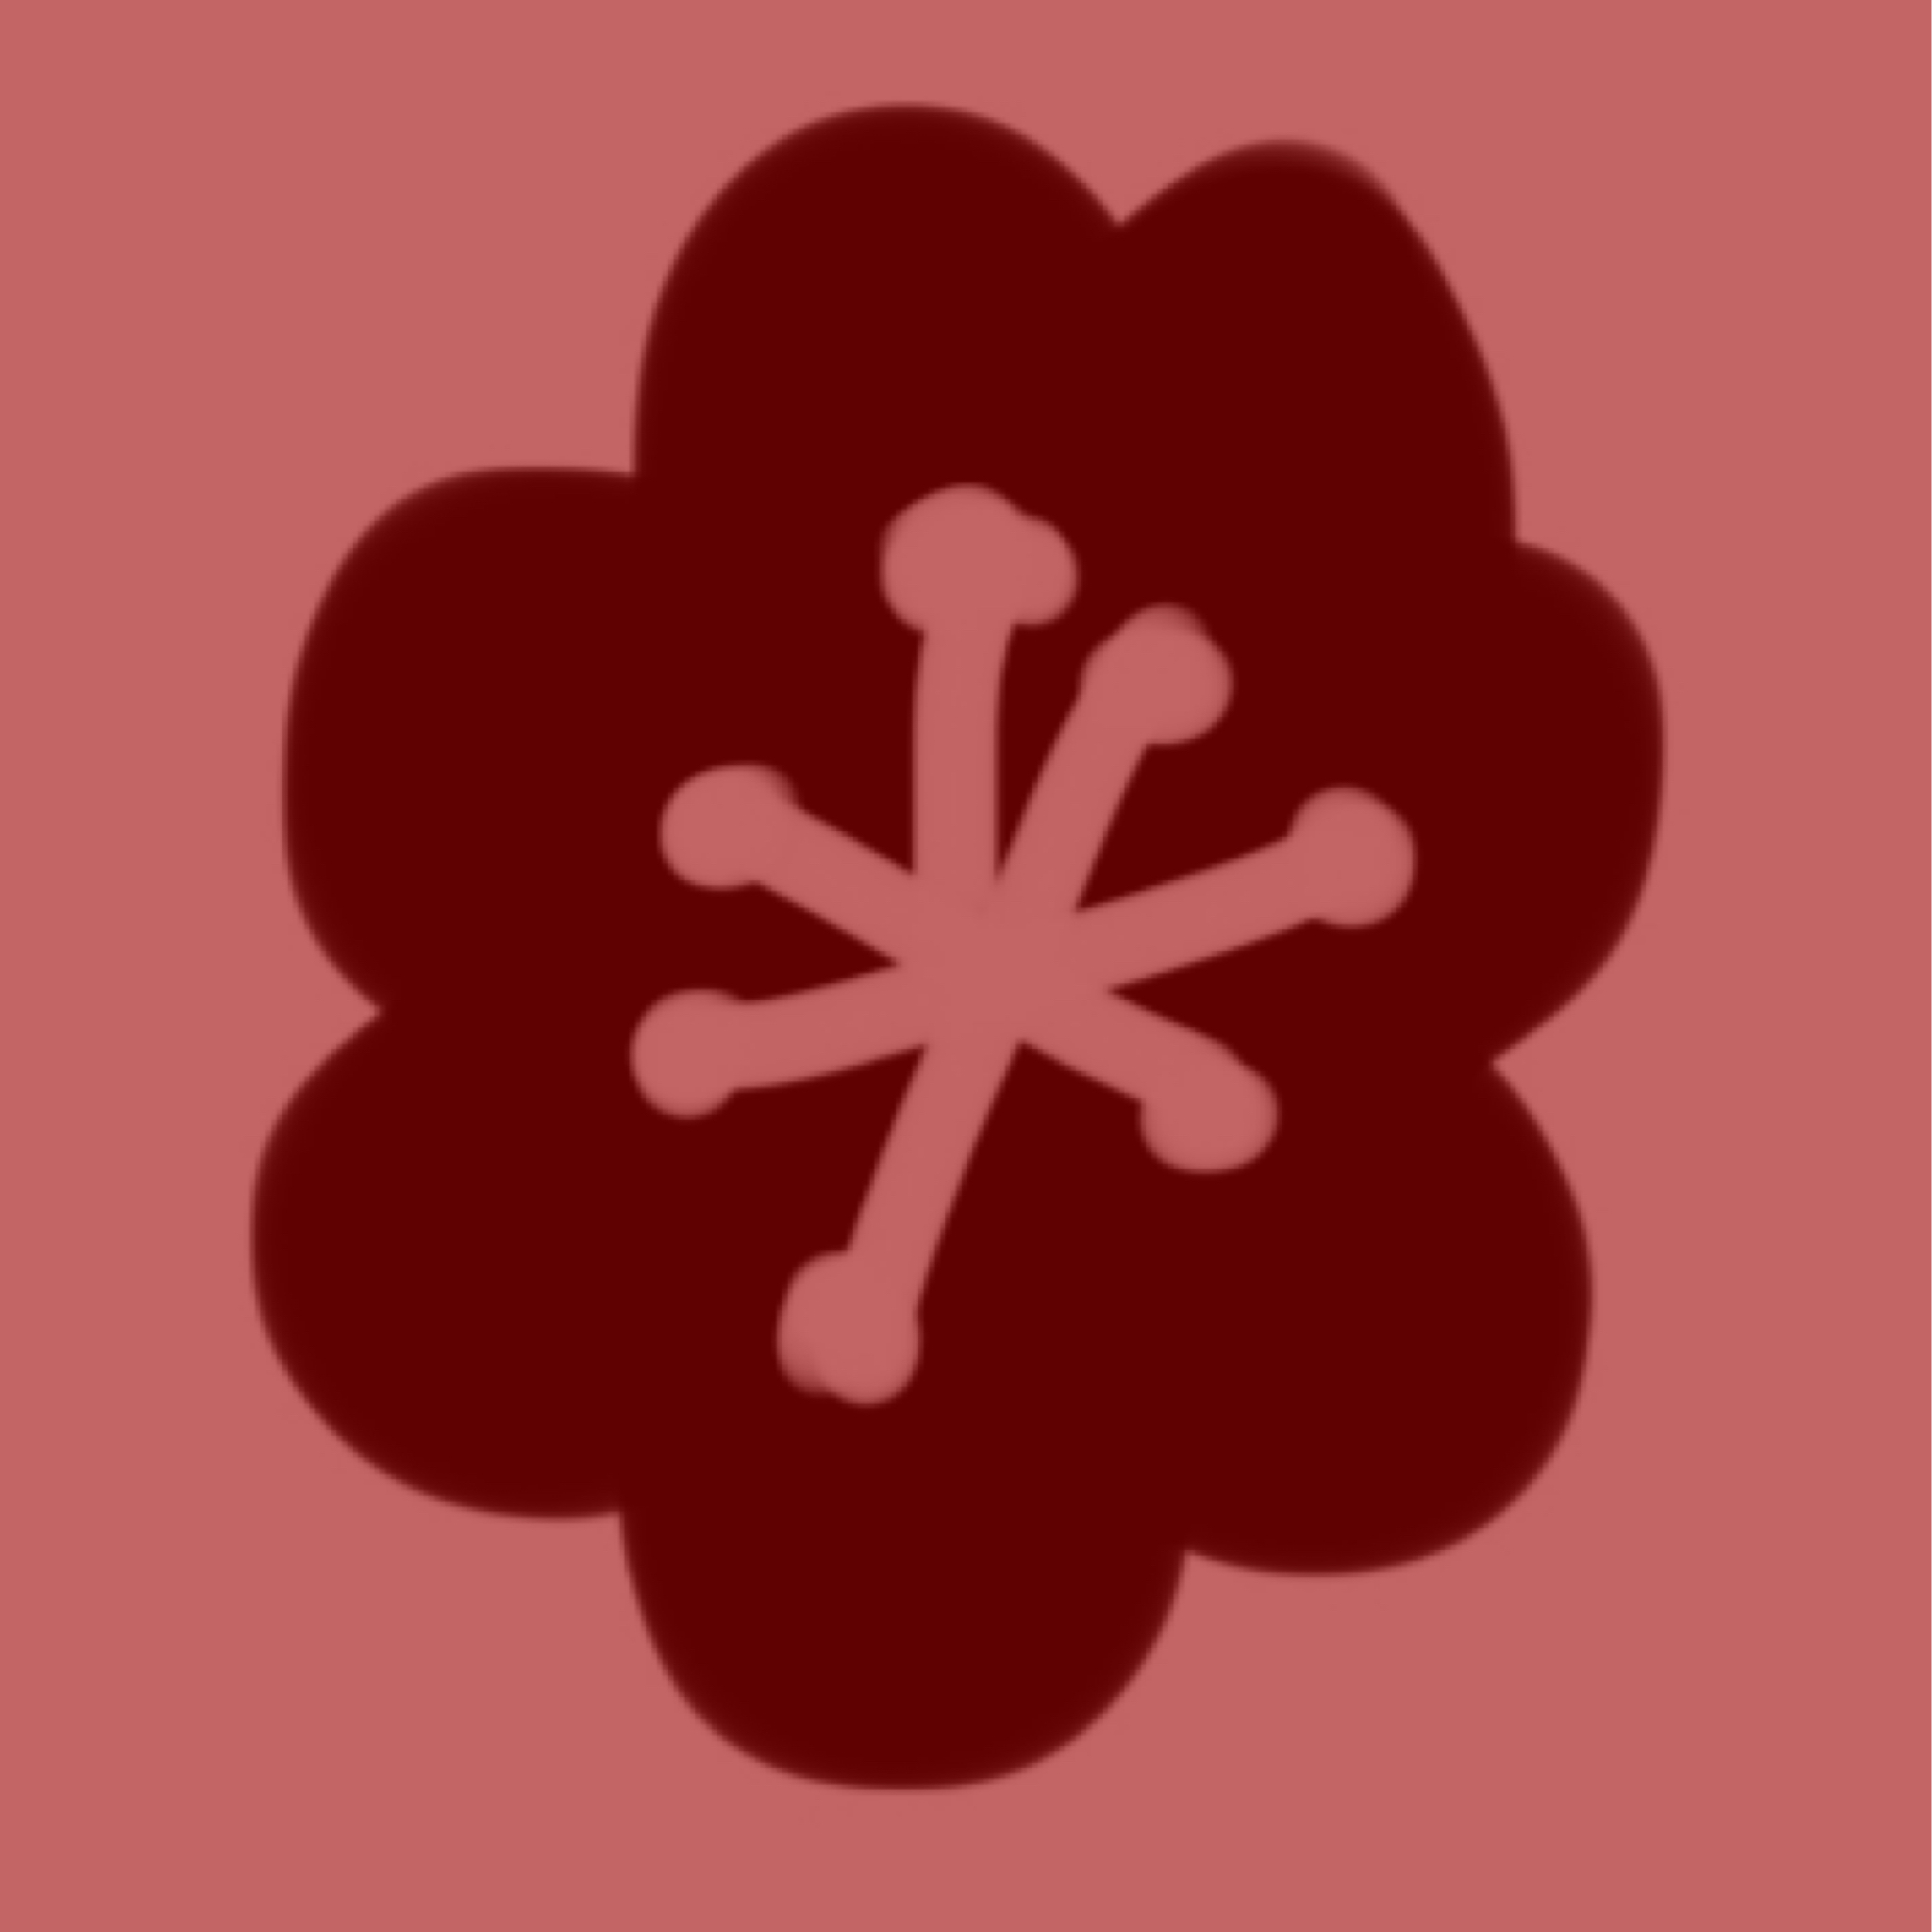 AR Opium Poppy, Impetus!, 2018.